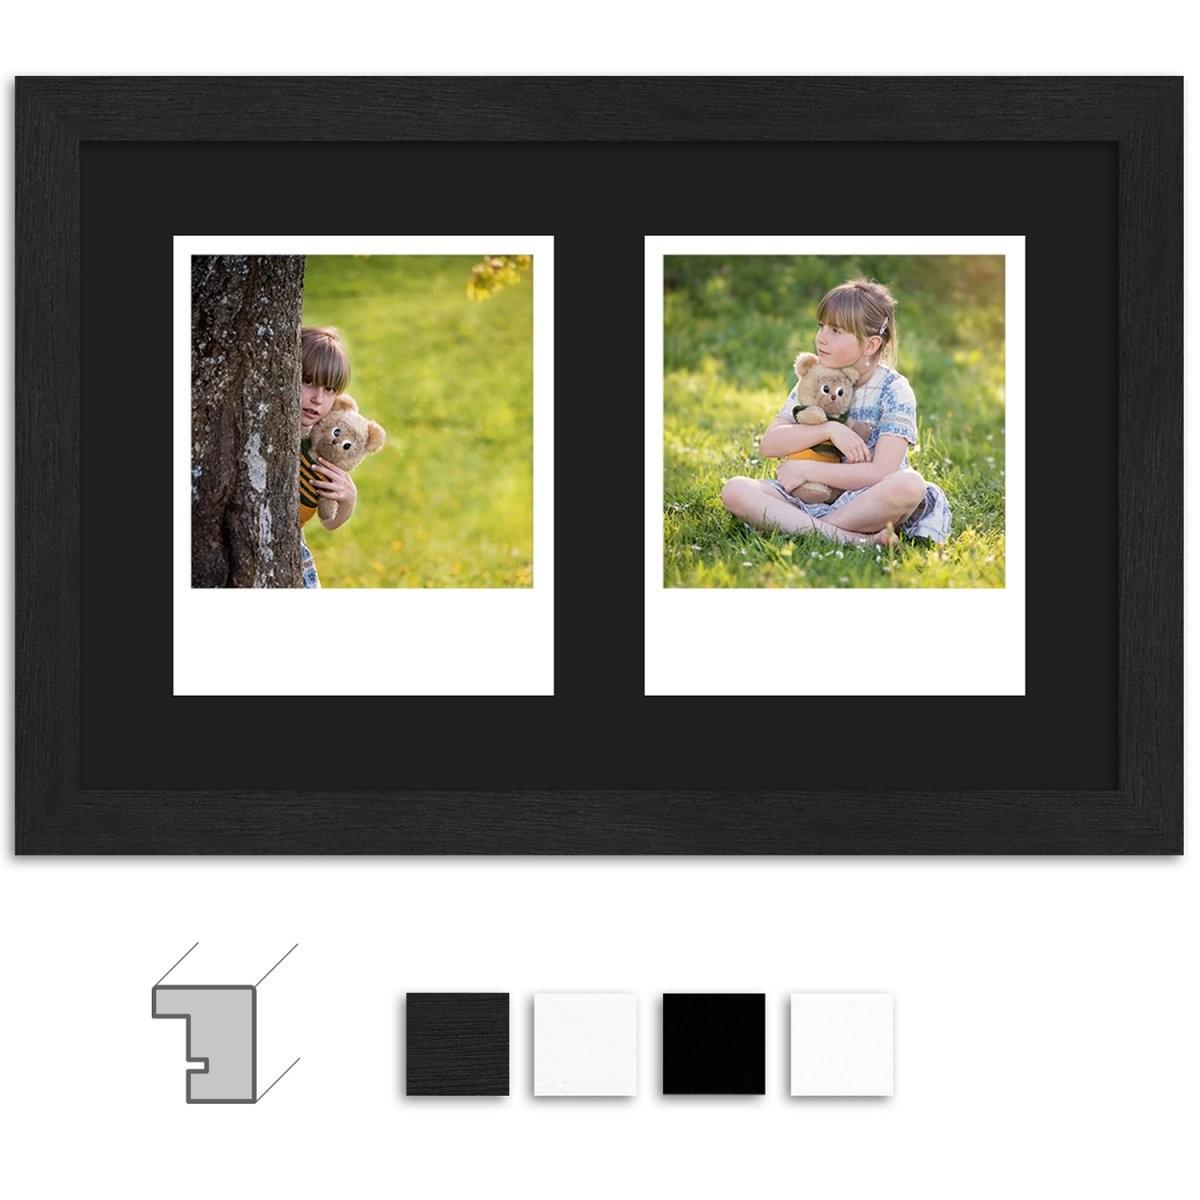 Bilderrahmen Collage ☆ Online Bestellen  Wandstyle von Leinwand Collage Erstellen Günstig Bild